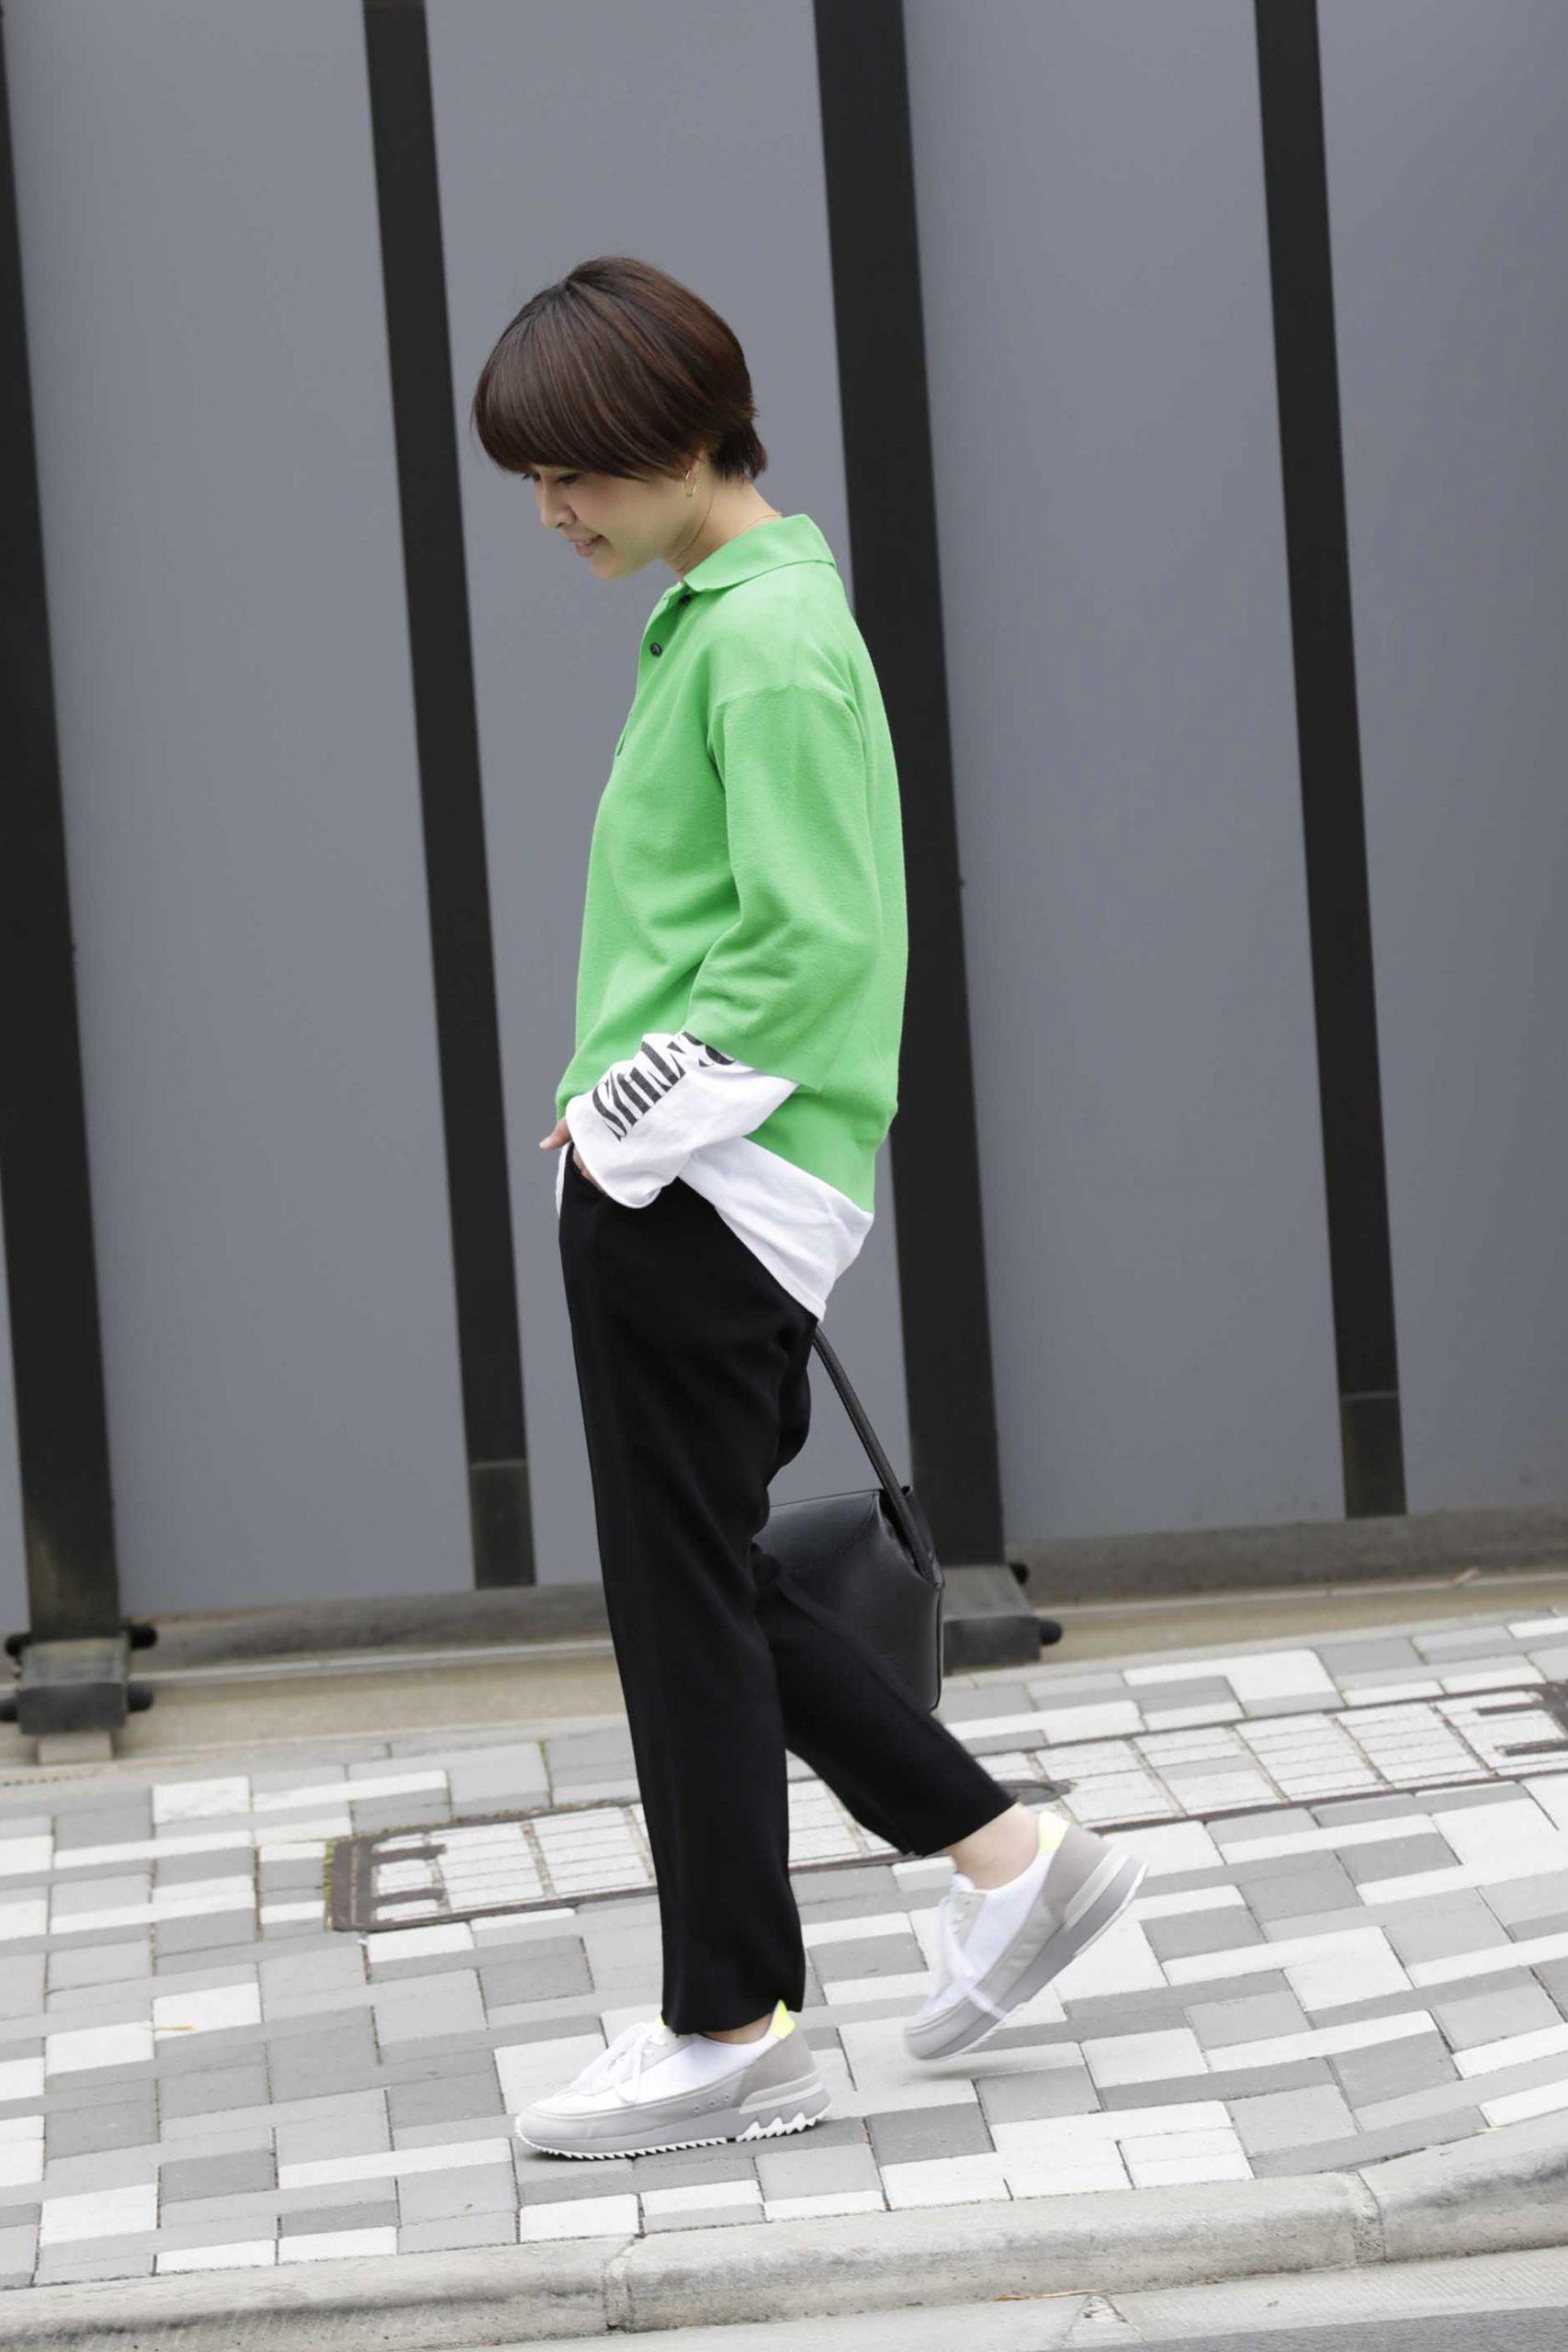 Onitsuka Tiger(オニツカタイガー)のHSINTIの蛍光イエローを履いたスニーカーコーデ